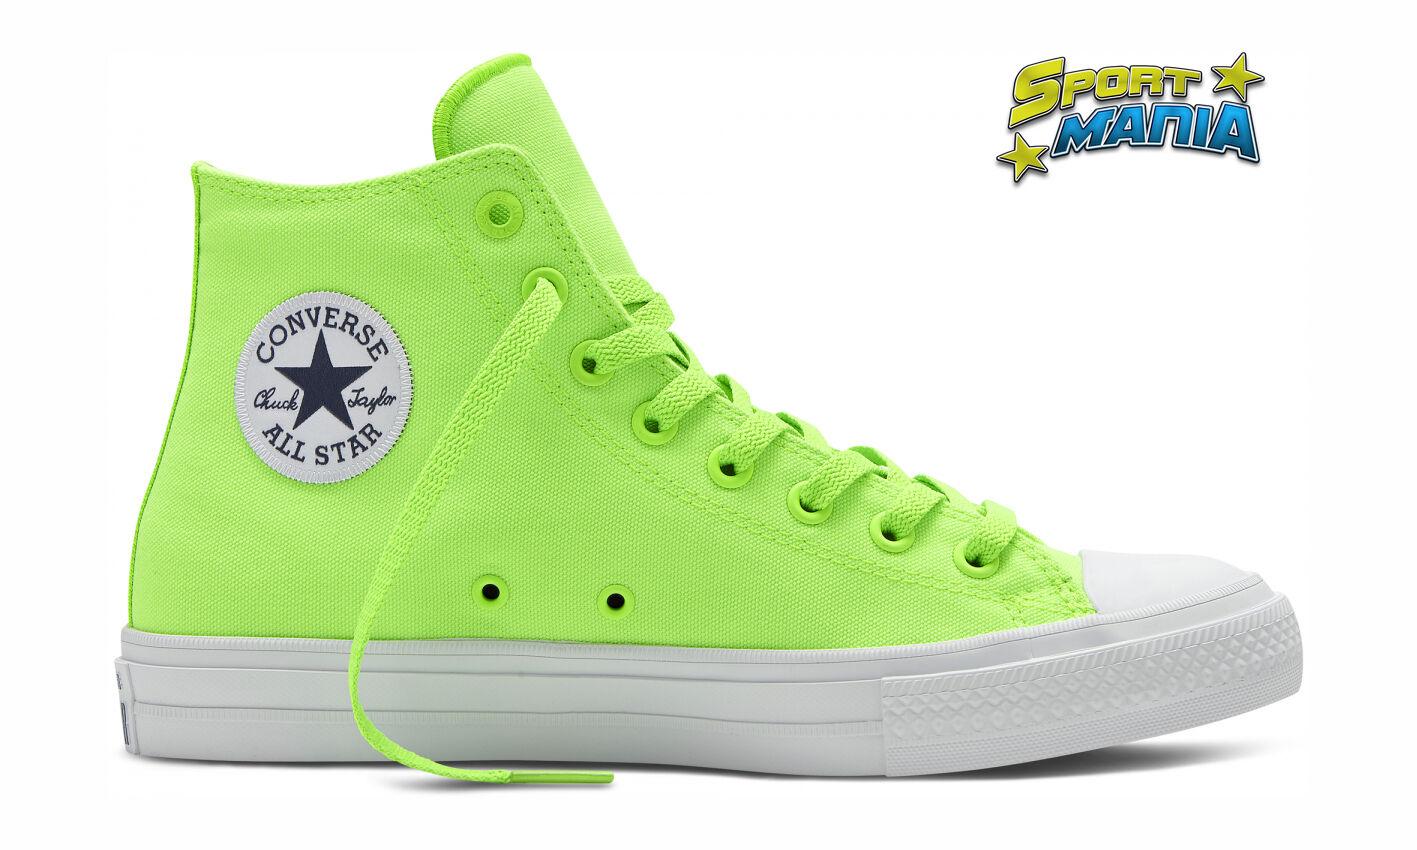 Converse CT II HI Green/Gecko Verde Fluo Scarpe Sportive  151118C